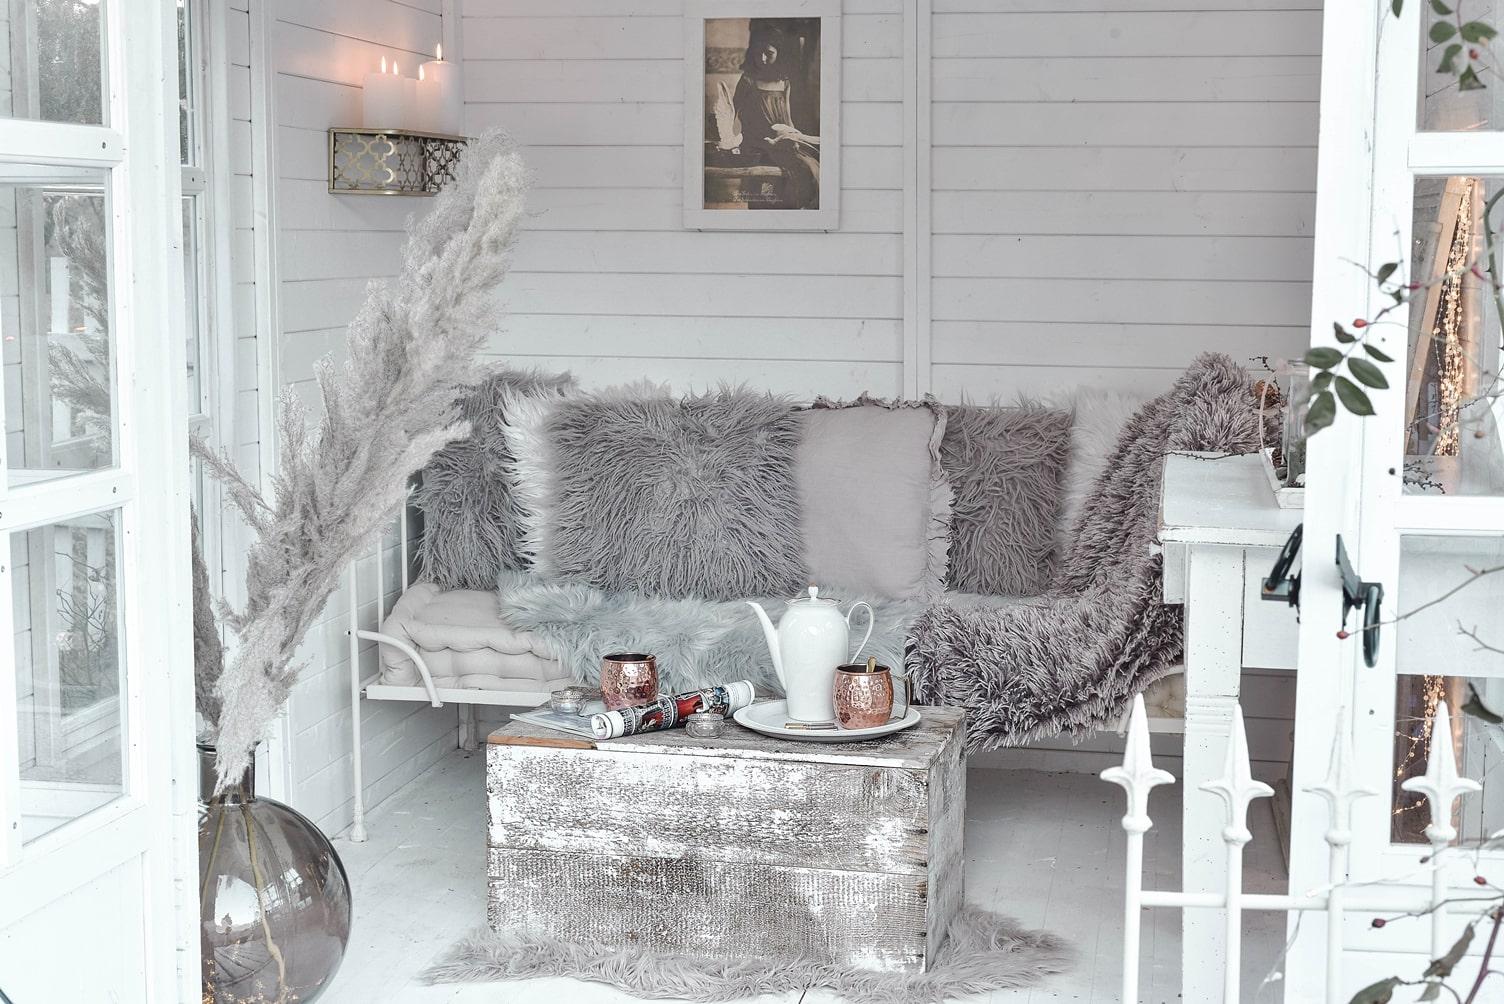 Kuschelige Winterdeko für Balkon und Garten.